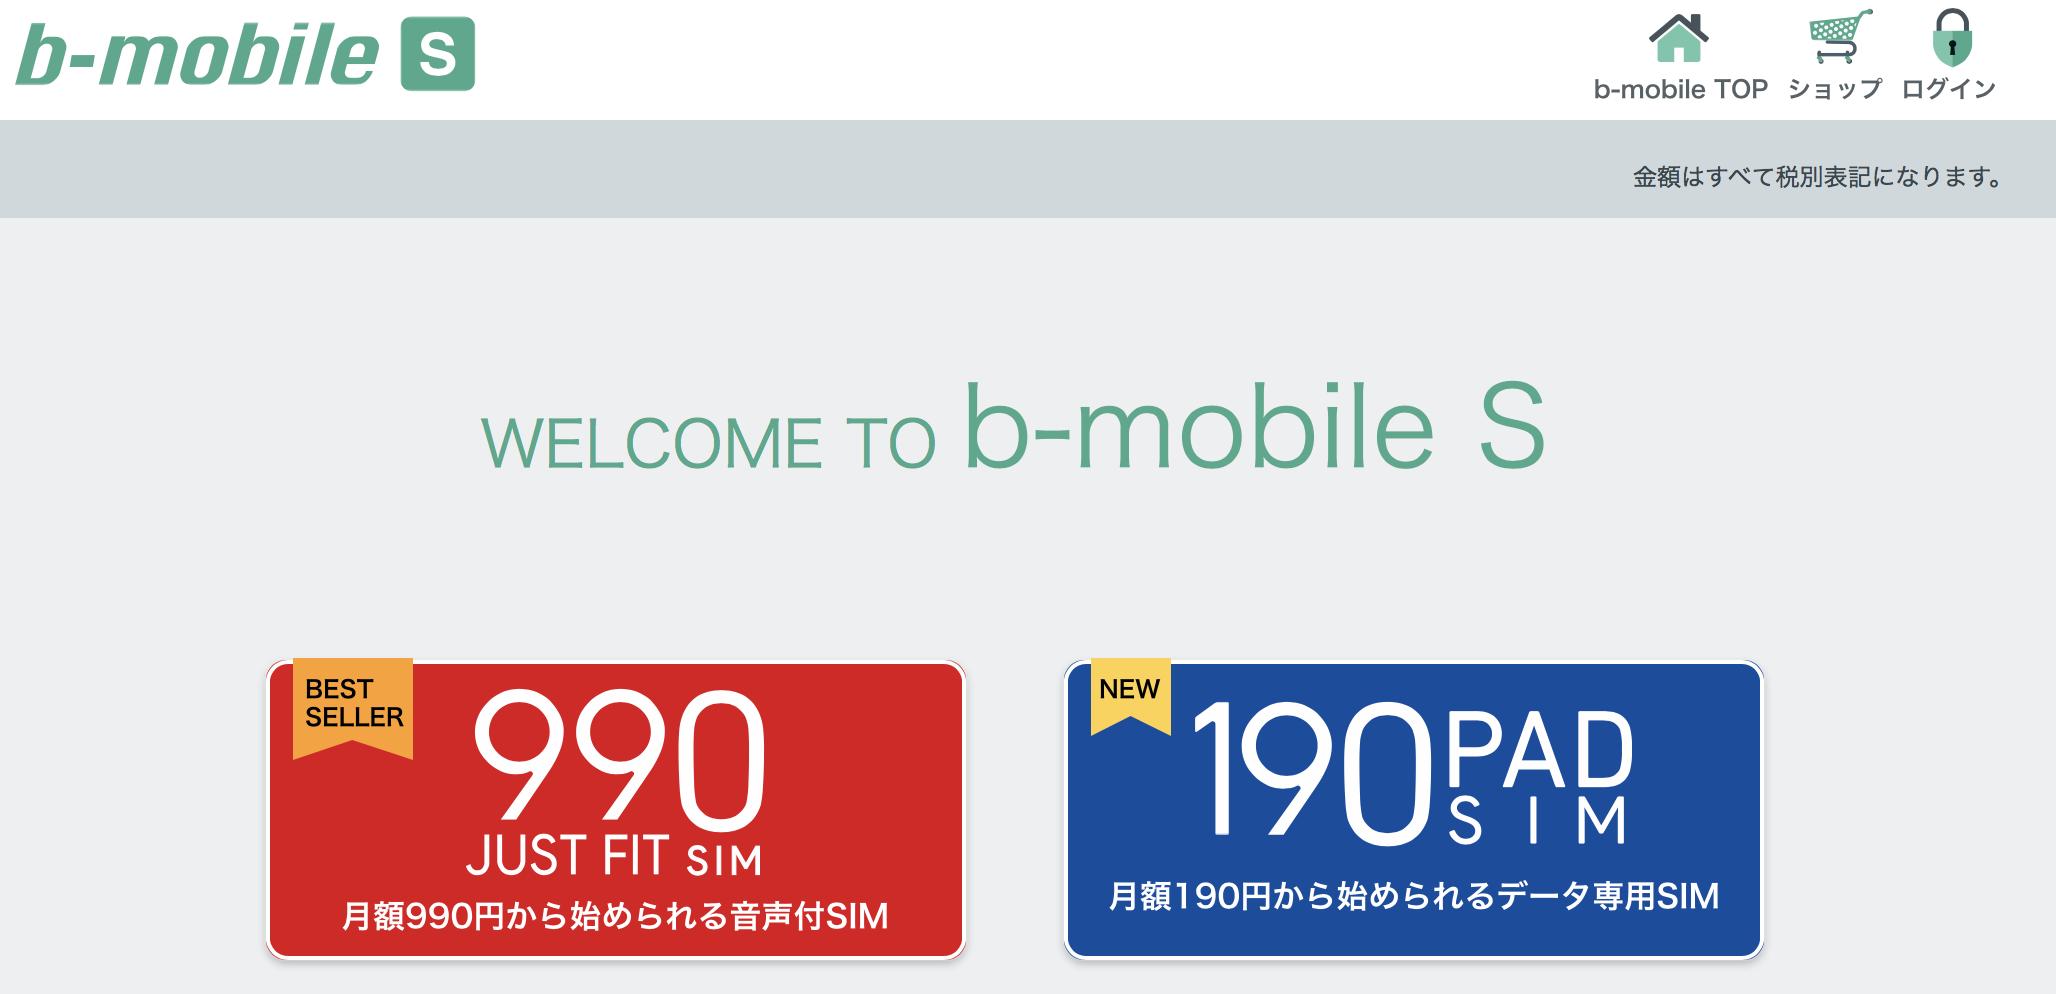 格安SIM b-mobile(S)